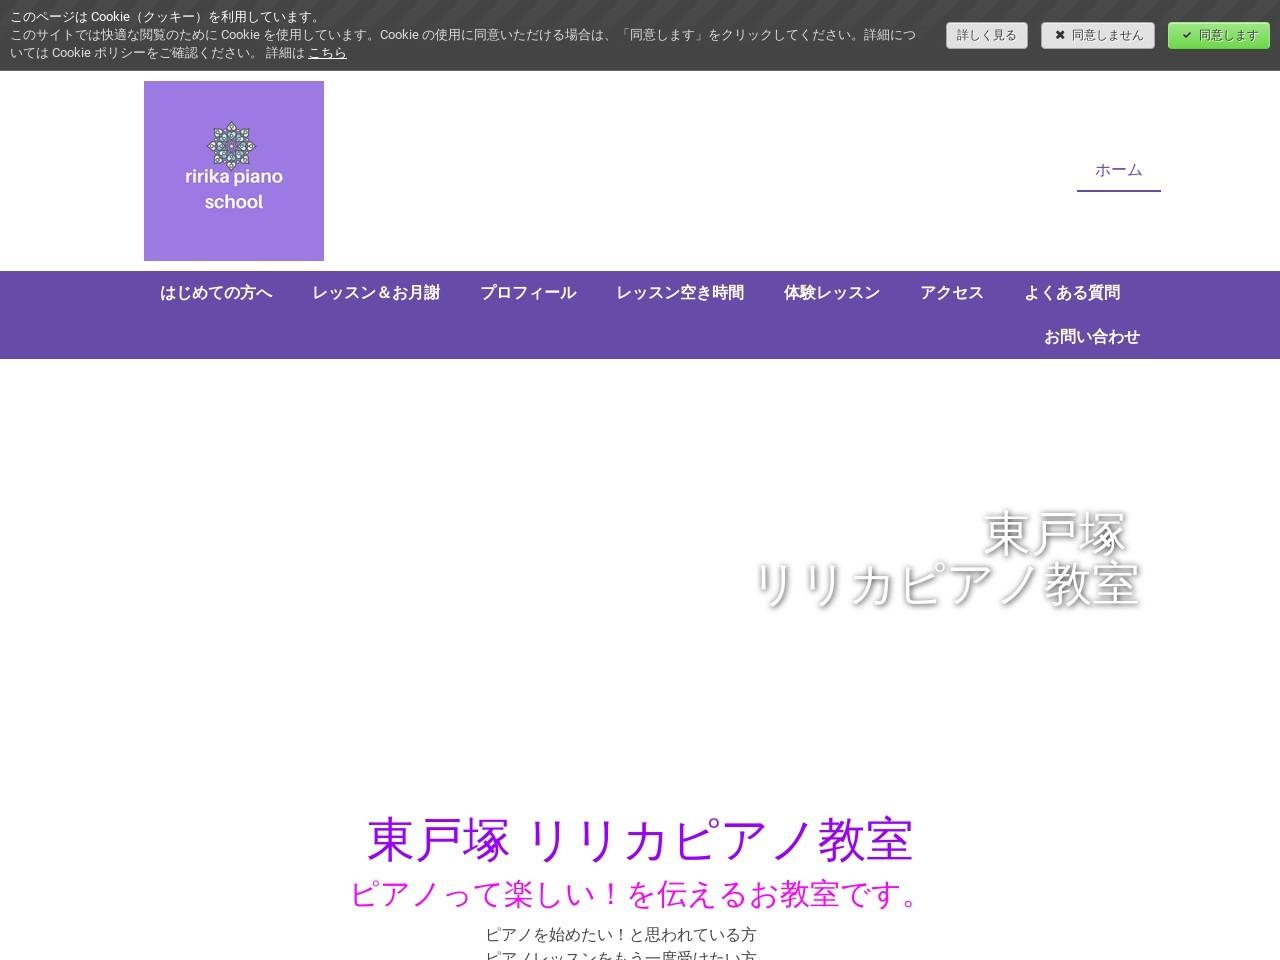 東戸塚 リリカピアノ教室のサムネイル